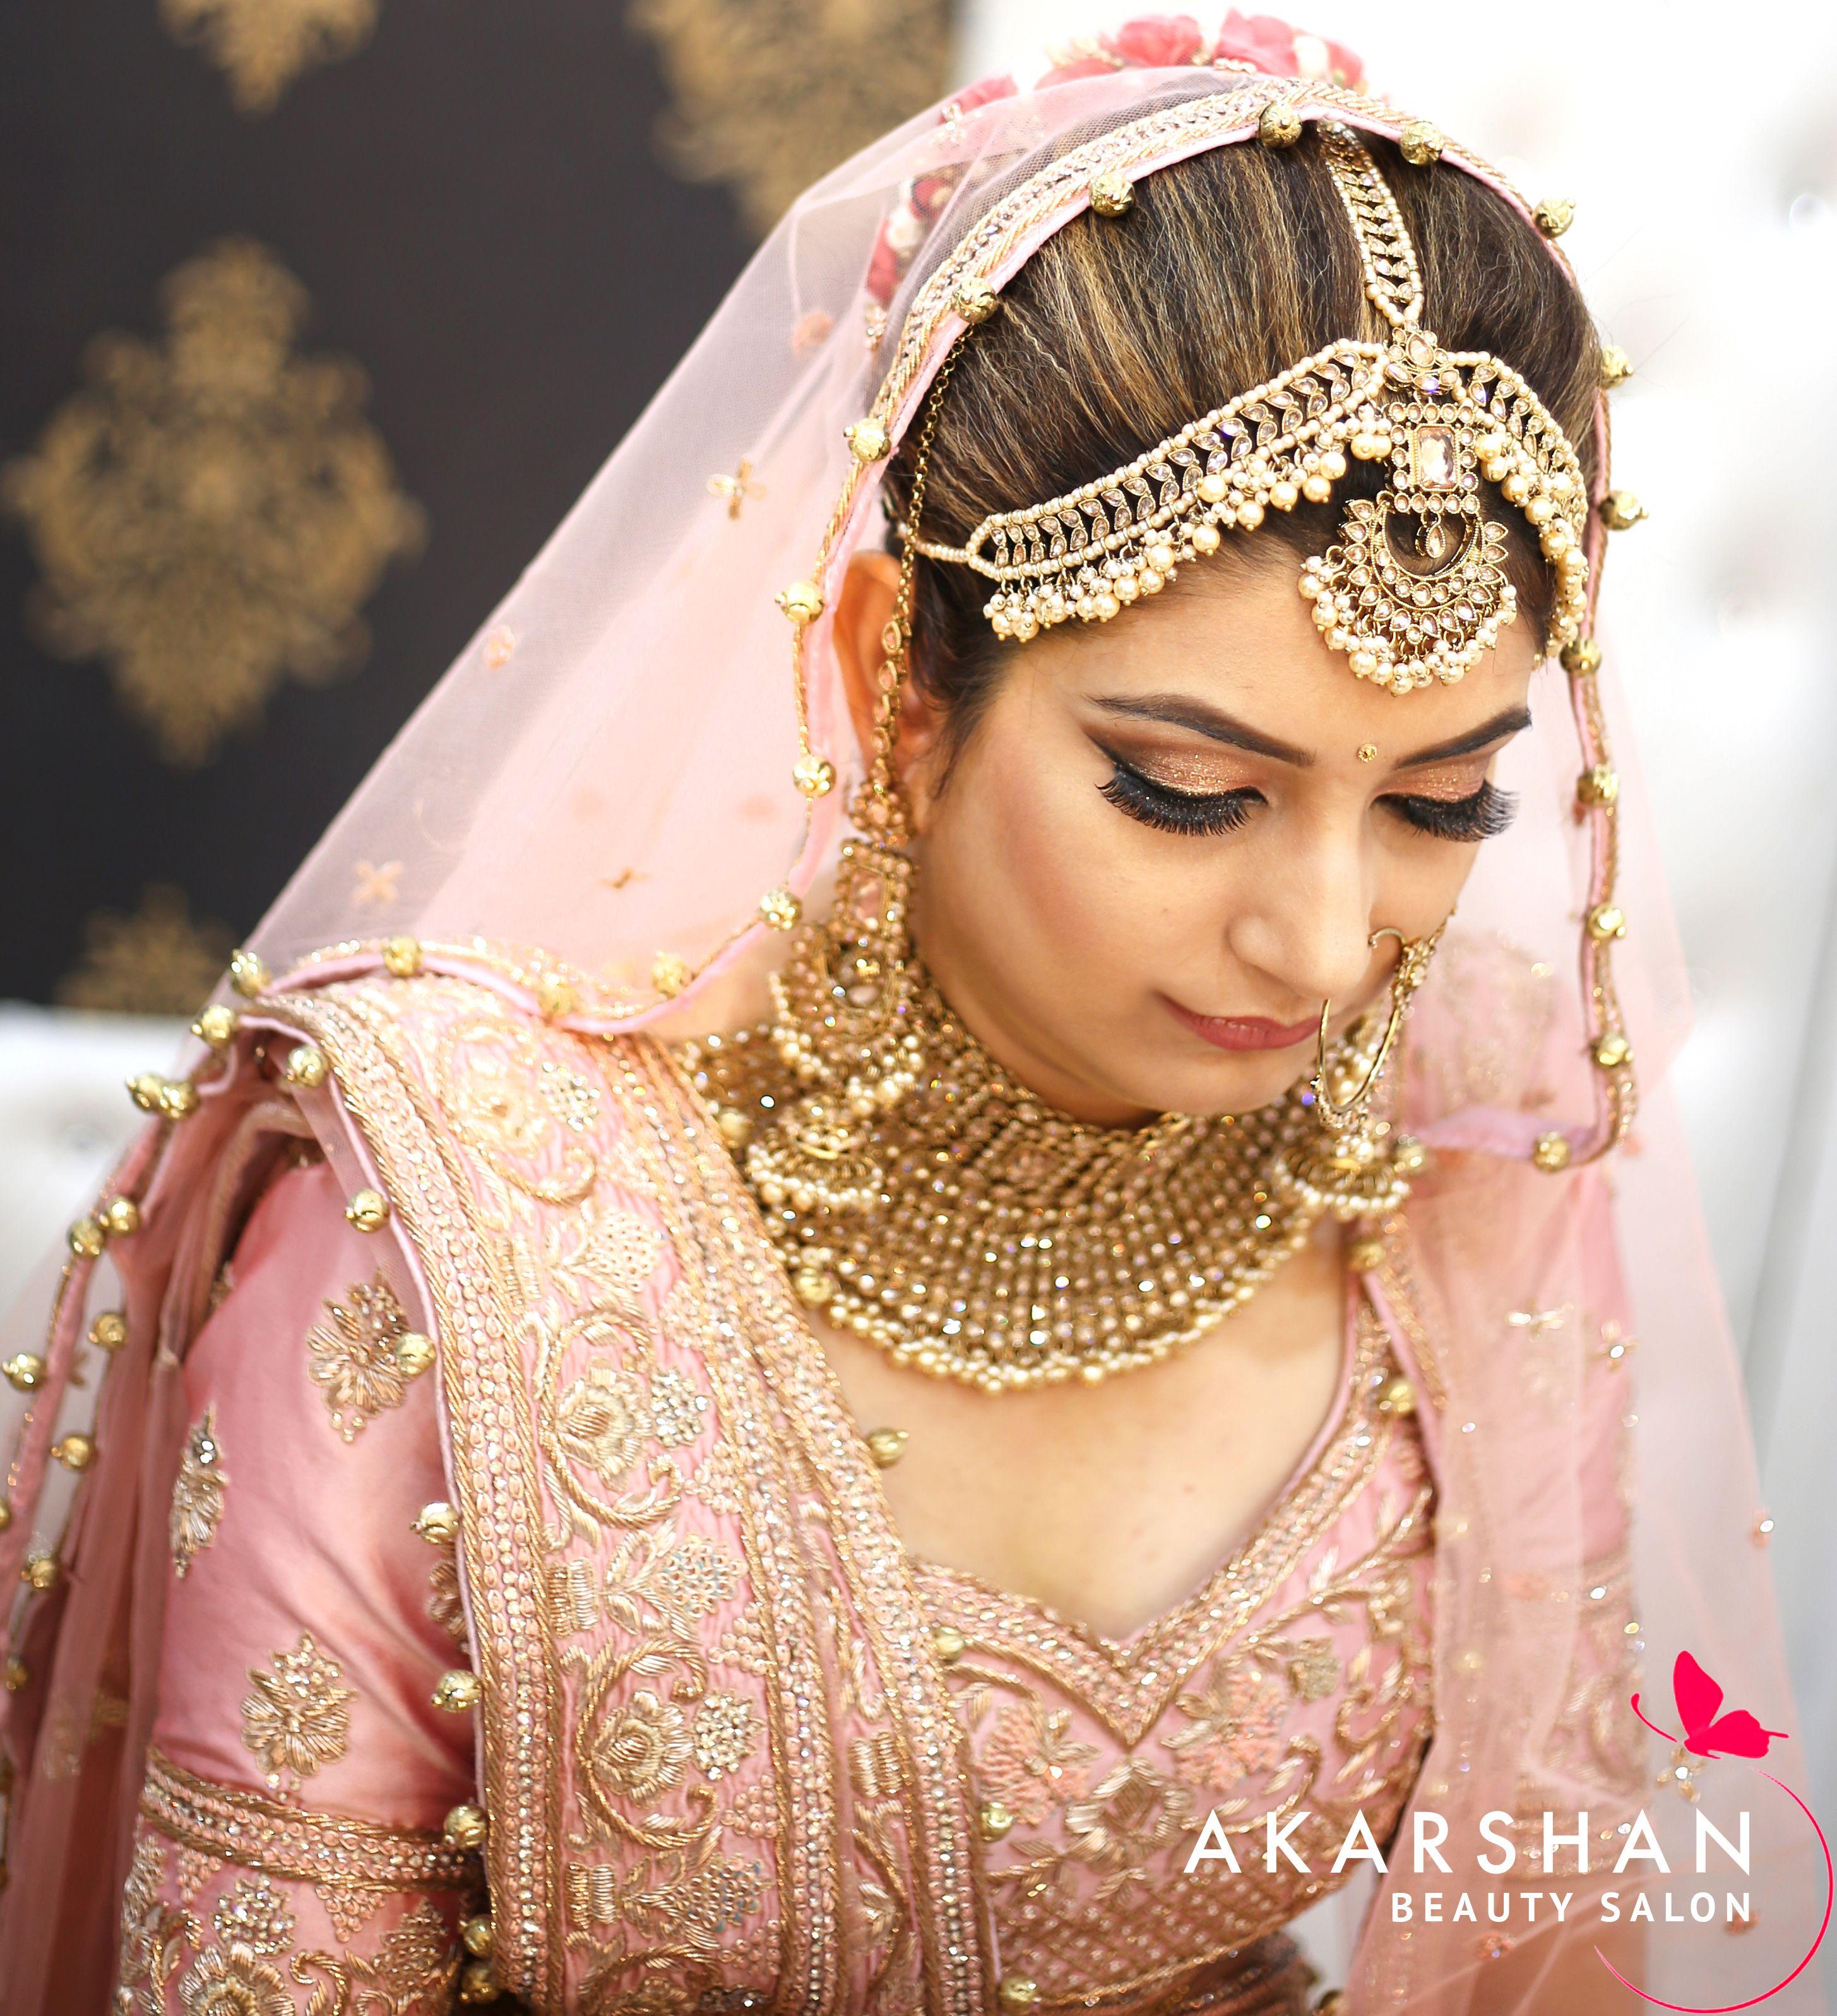 High Definition Bridal Makeup At Akarshan Beauty Salon Gwalior Bridal Makeup Beauty Beauty Salon